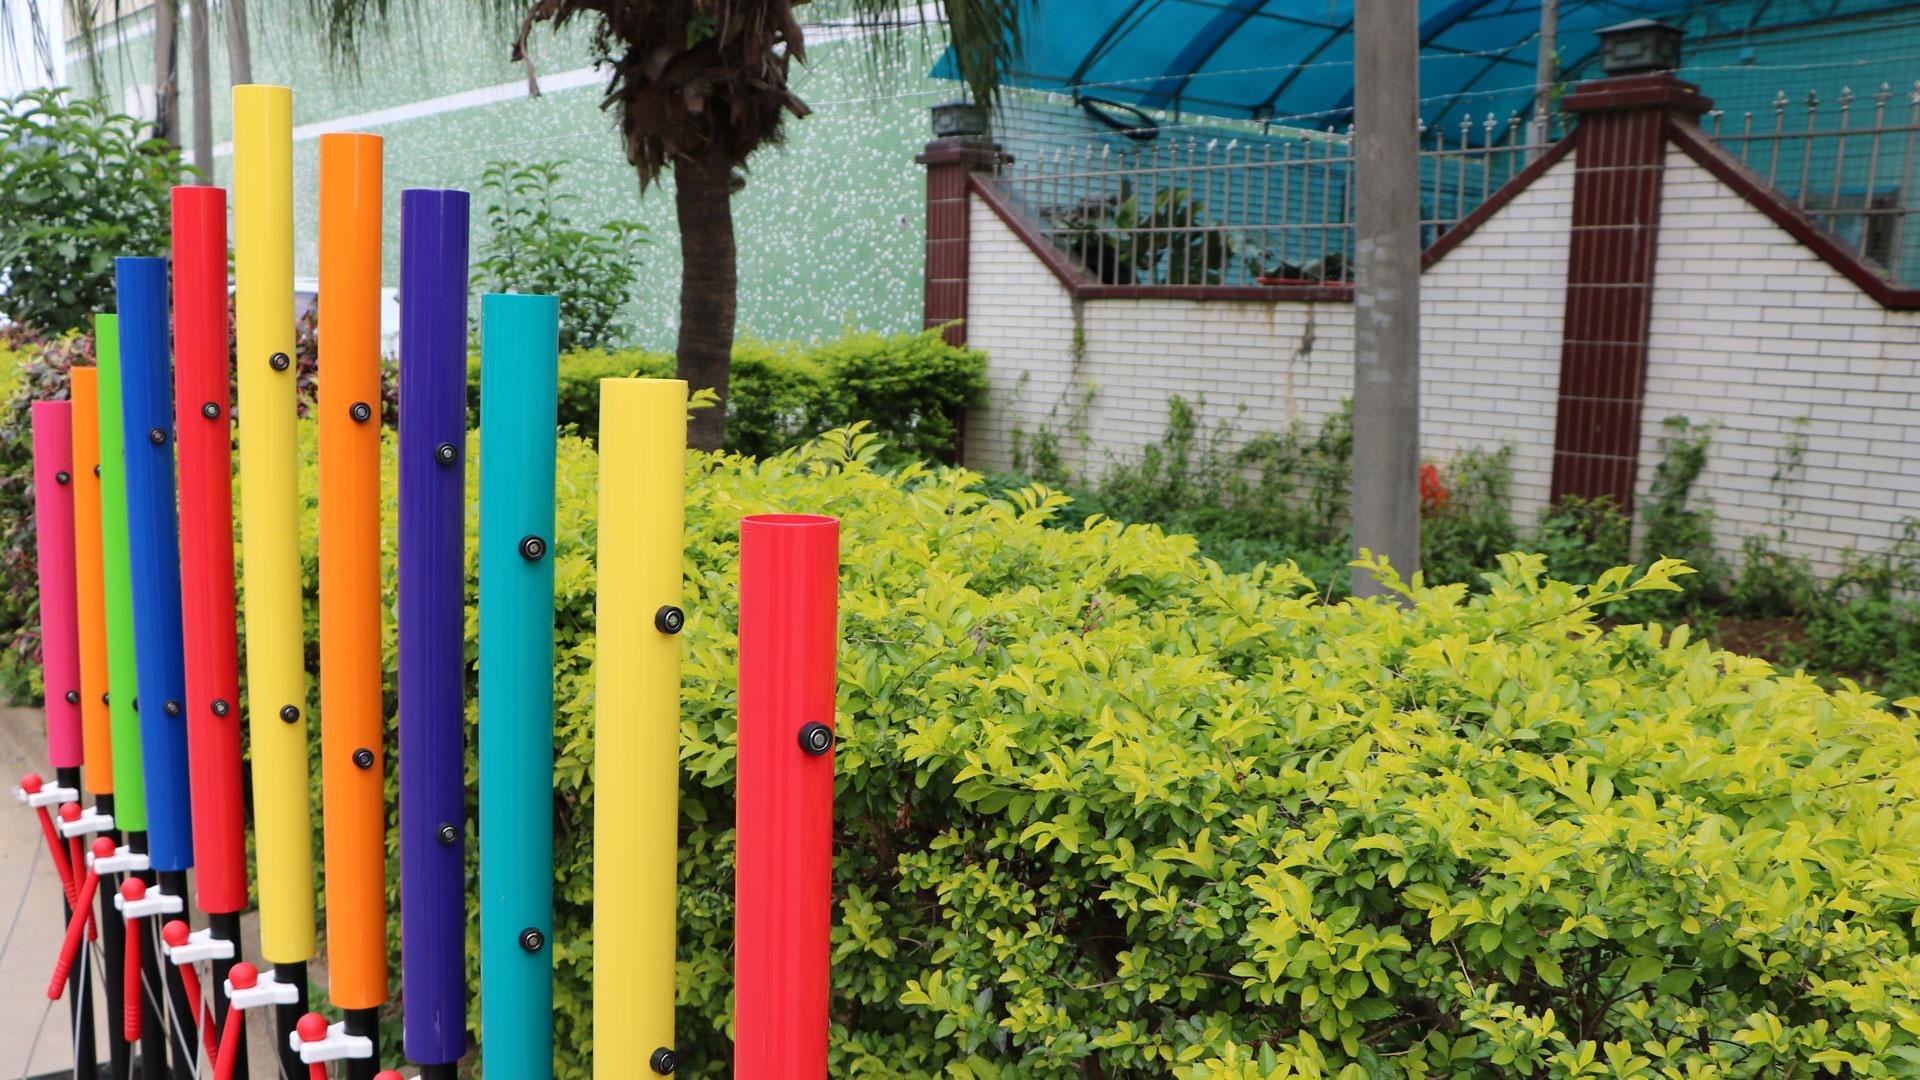 progetti urbani, aree verdi allestite